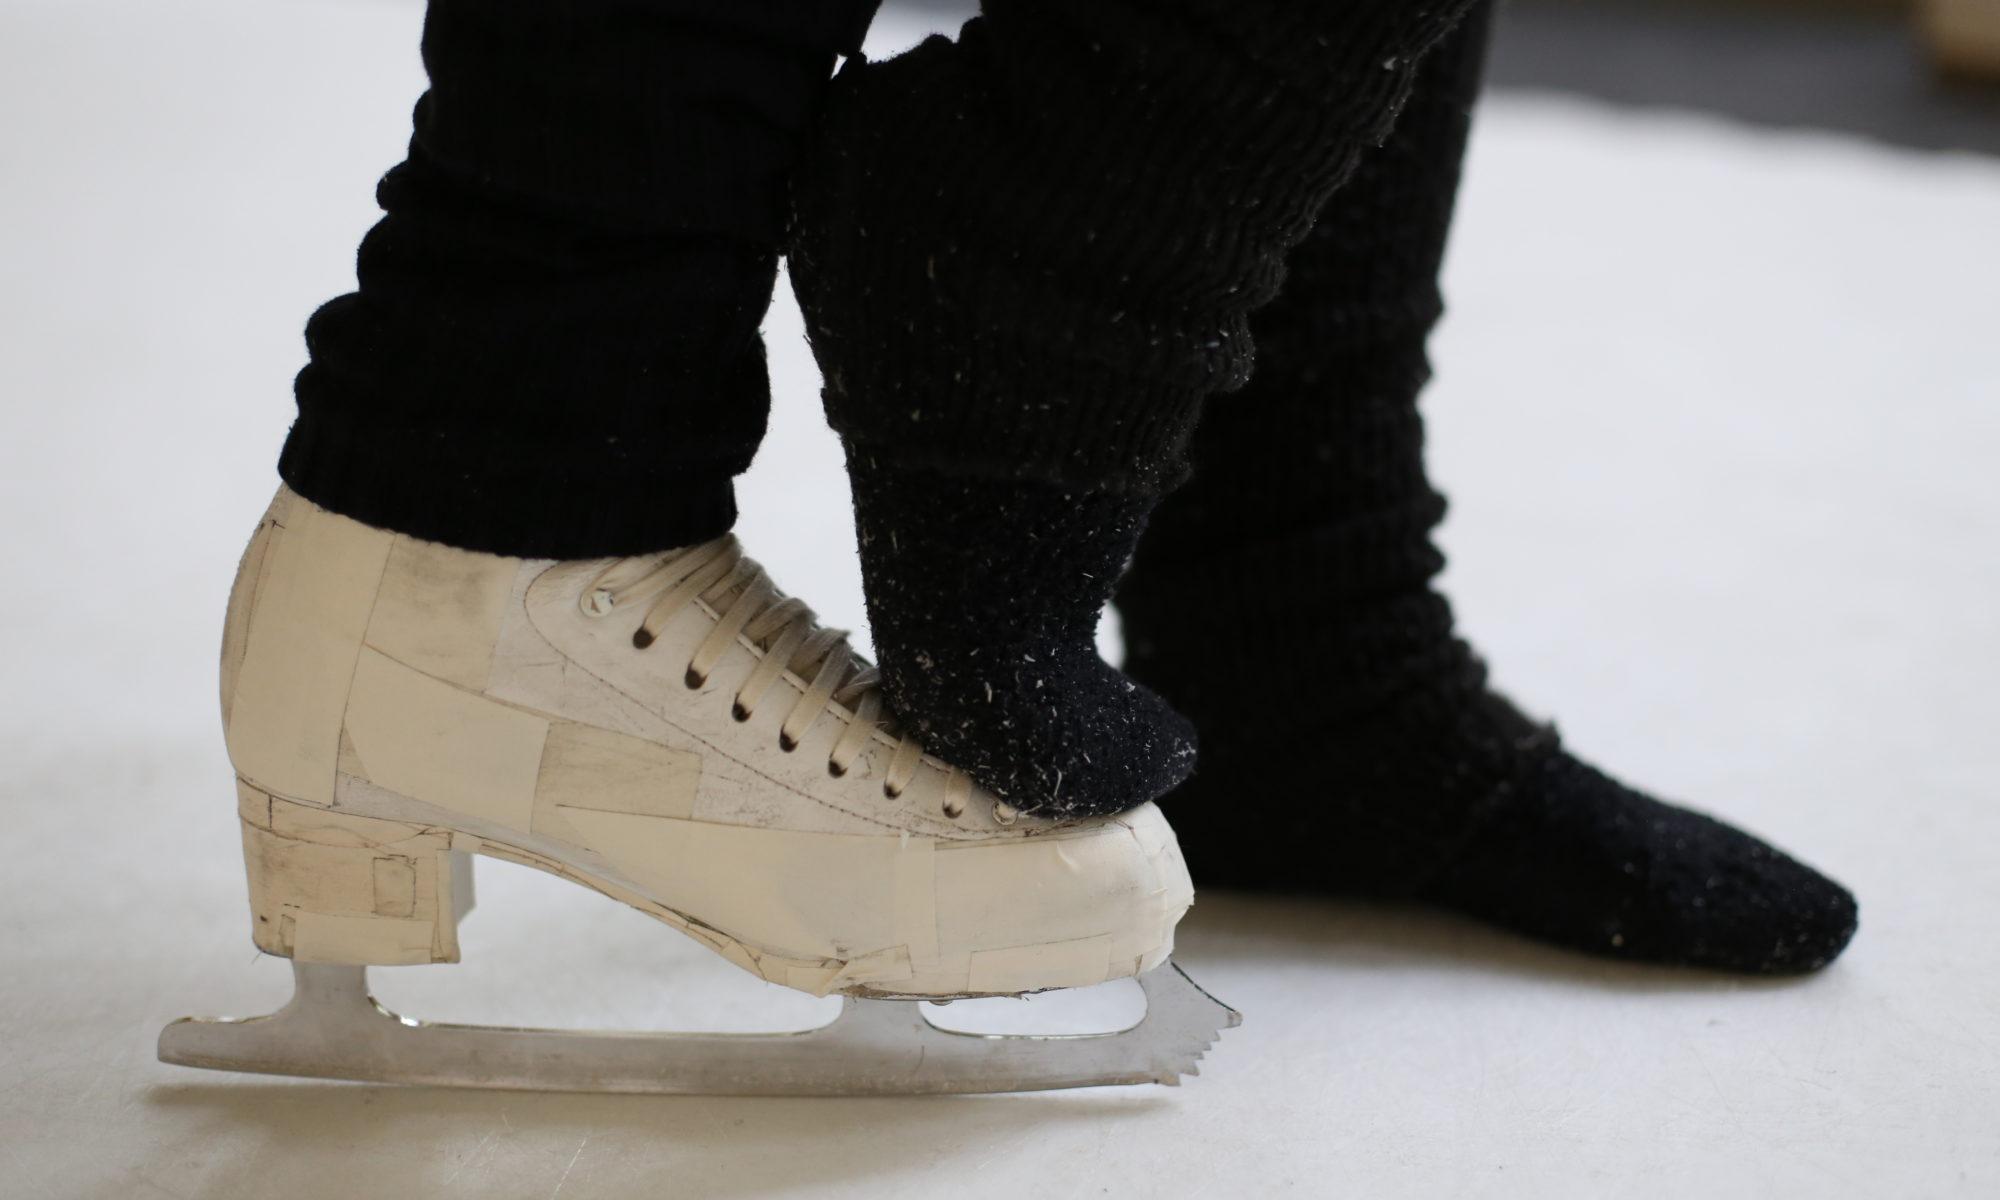 ein Schlittschuh auf Kunststoffeis auf dem ein Fuß steht